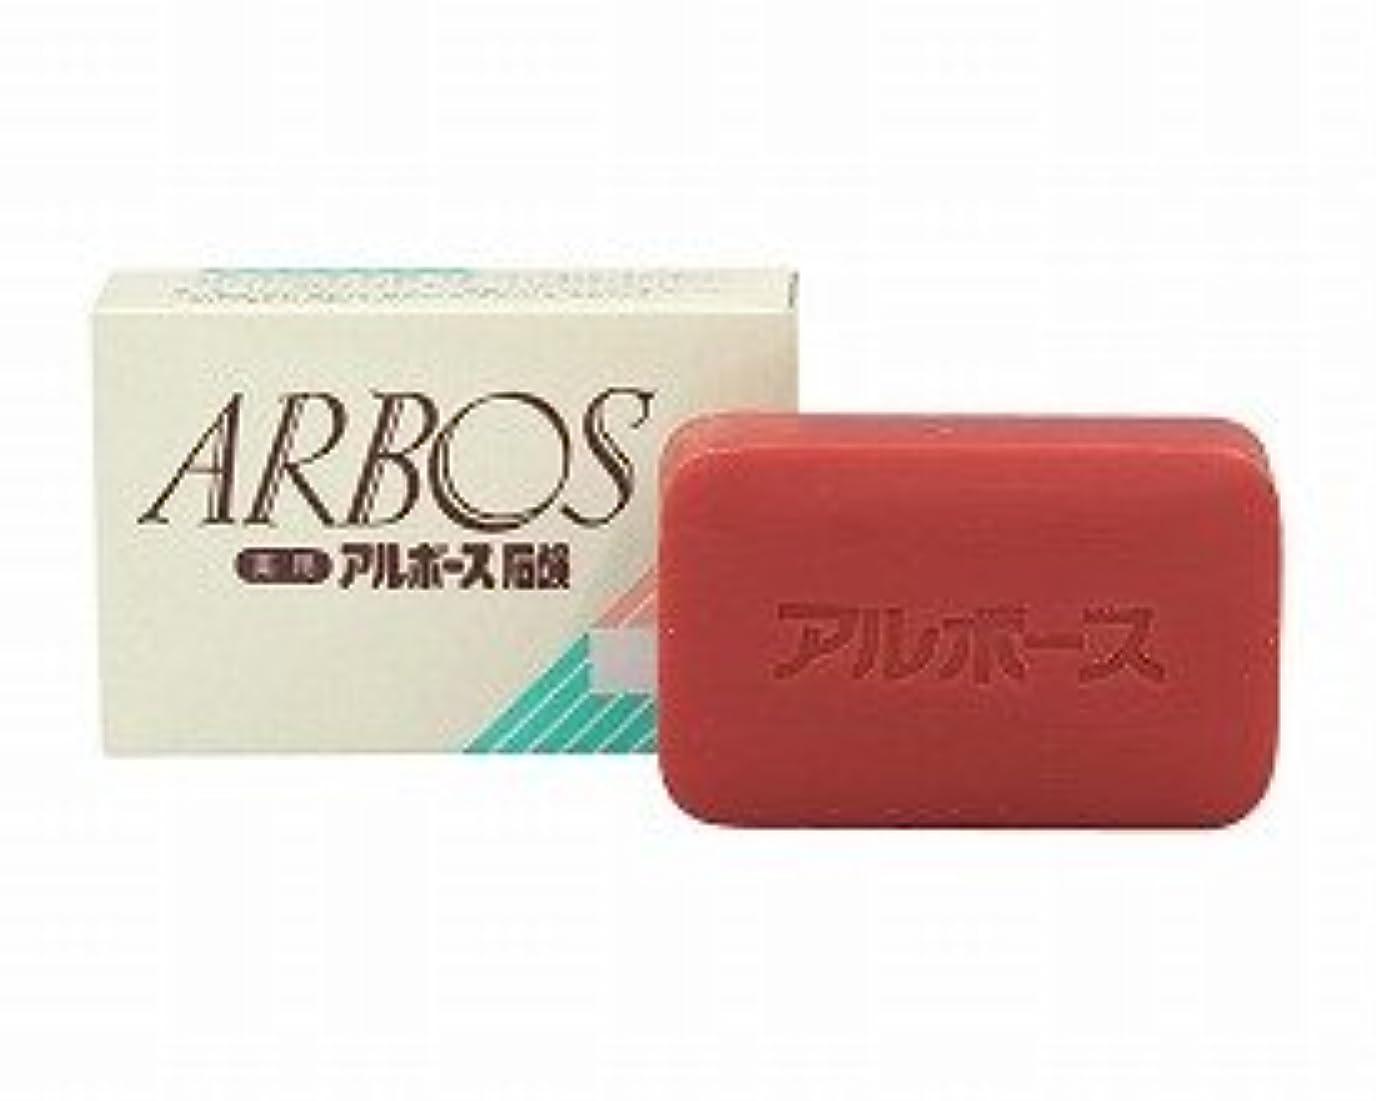 等しい破産アパート薬用アルボース石鹸 85g 1ケース(240個入) (アルボース) (清拭小物)